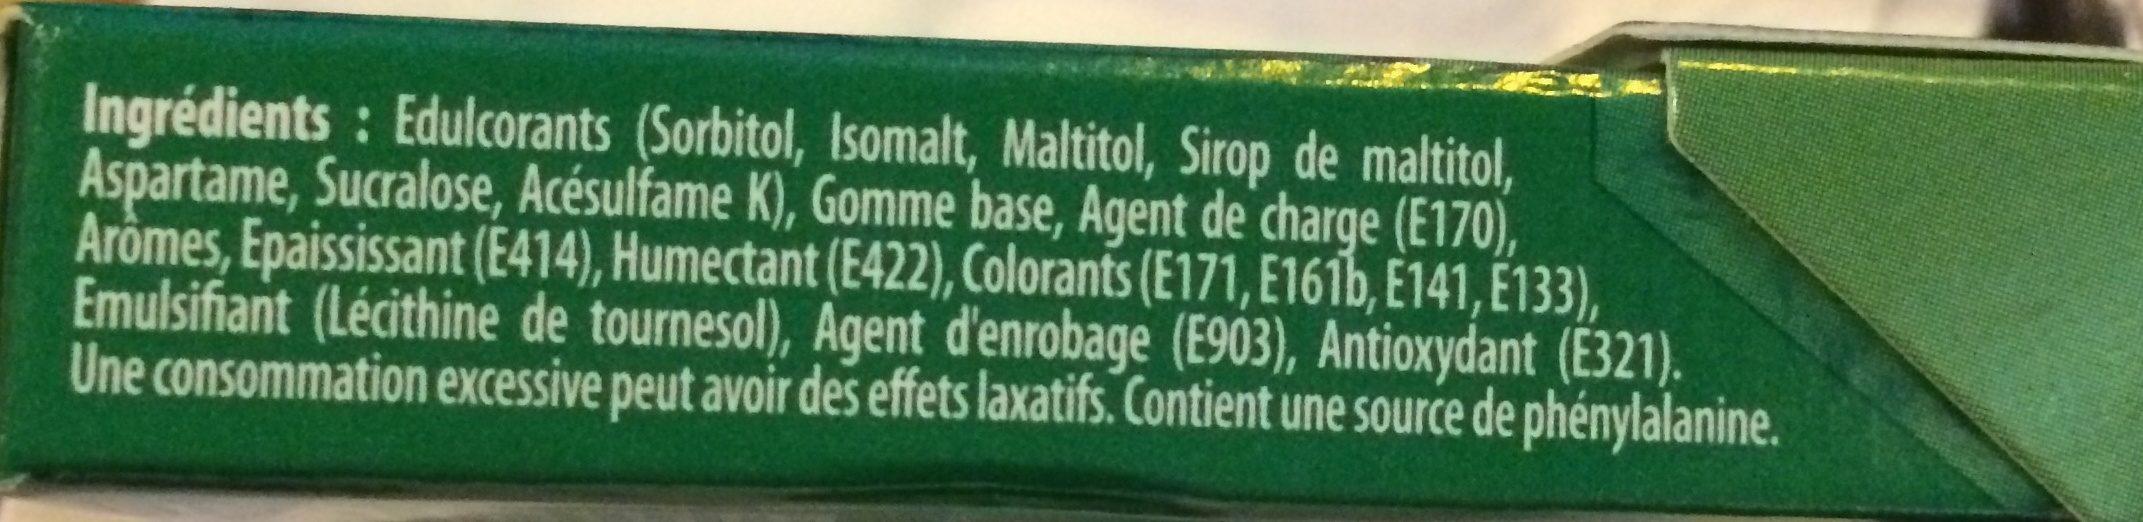 Chewing gum Green Fresh parfum menthe verte - Ingrédients